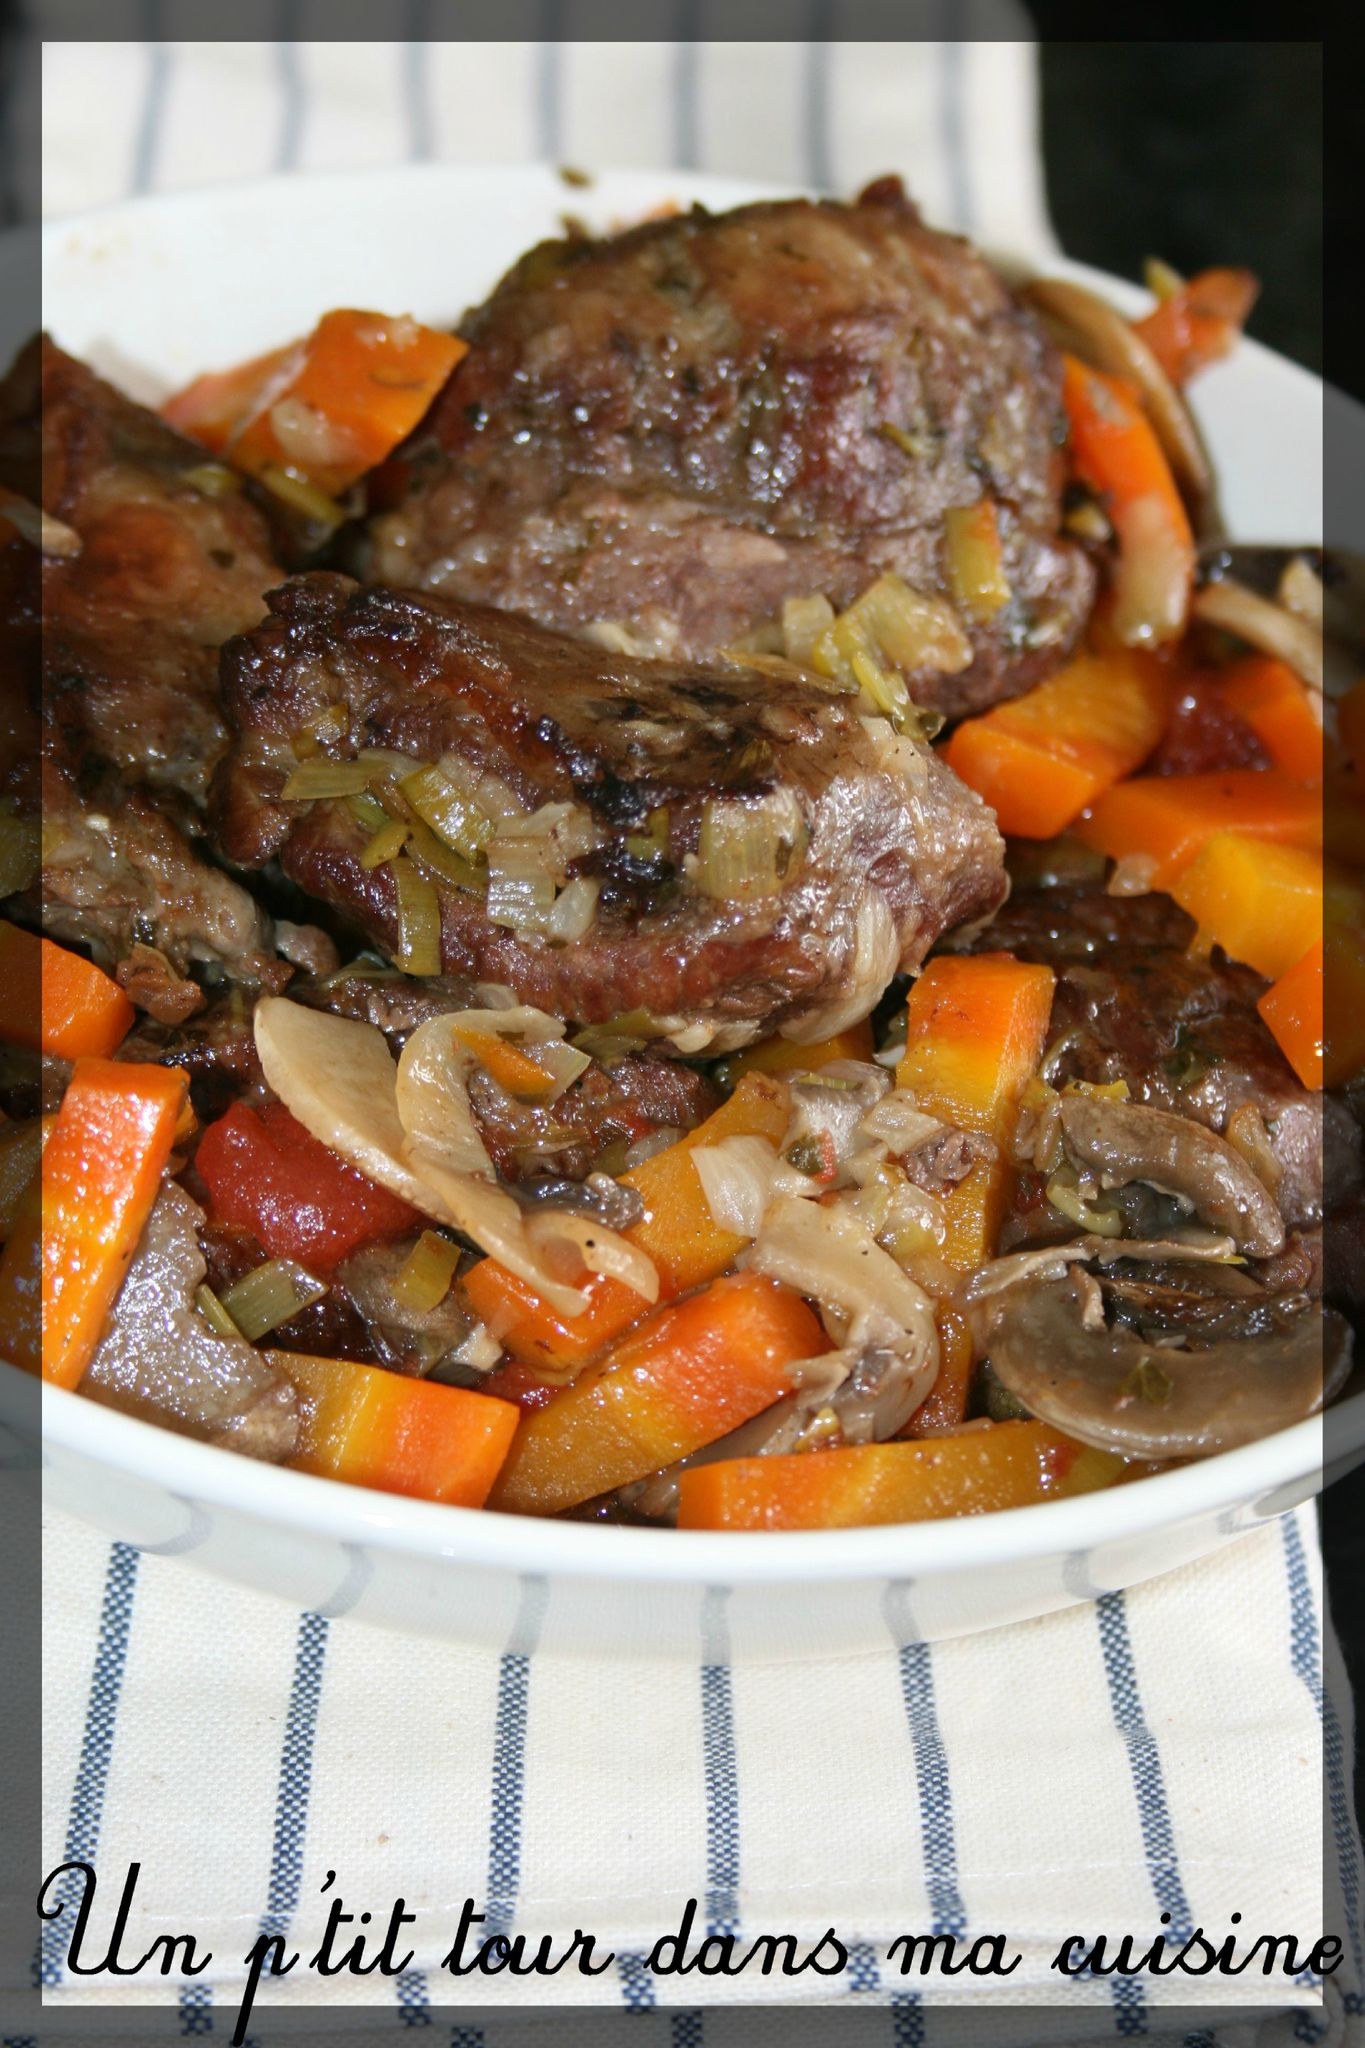 P 39 tites joues de porc en daube la bi re un p 39 tit tour dans ma cuisine - Joue de porc cocotte minute ...